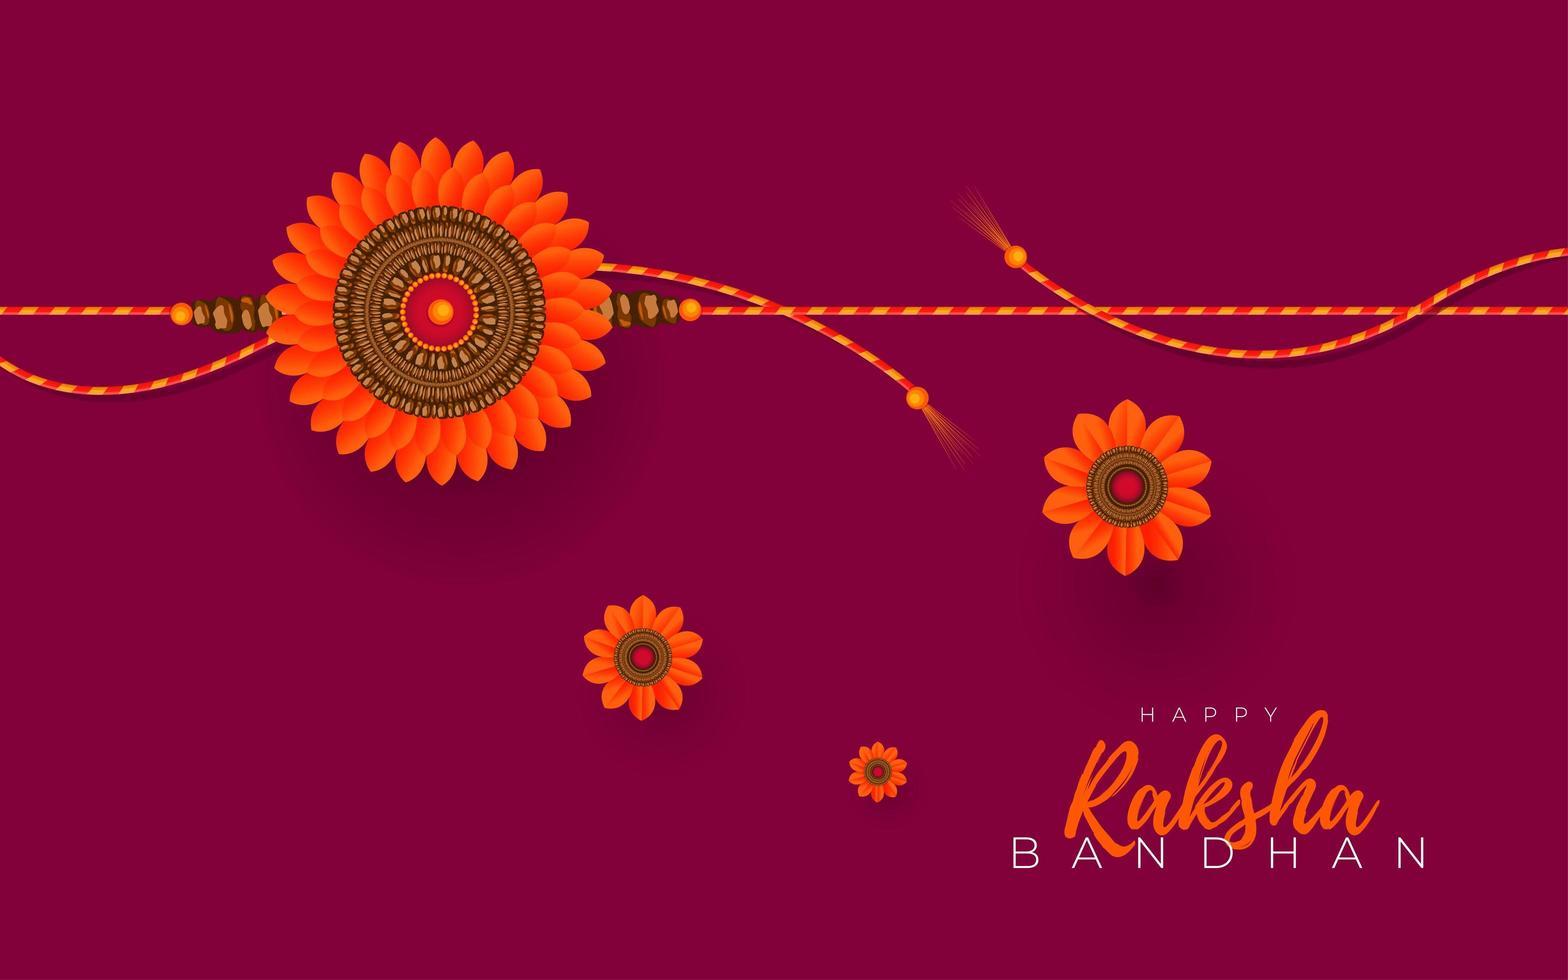 diseño de tarjeta de felicitación de raksha bandhan vector